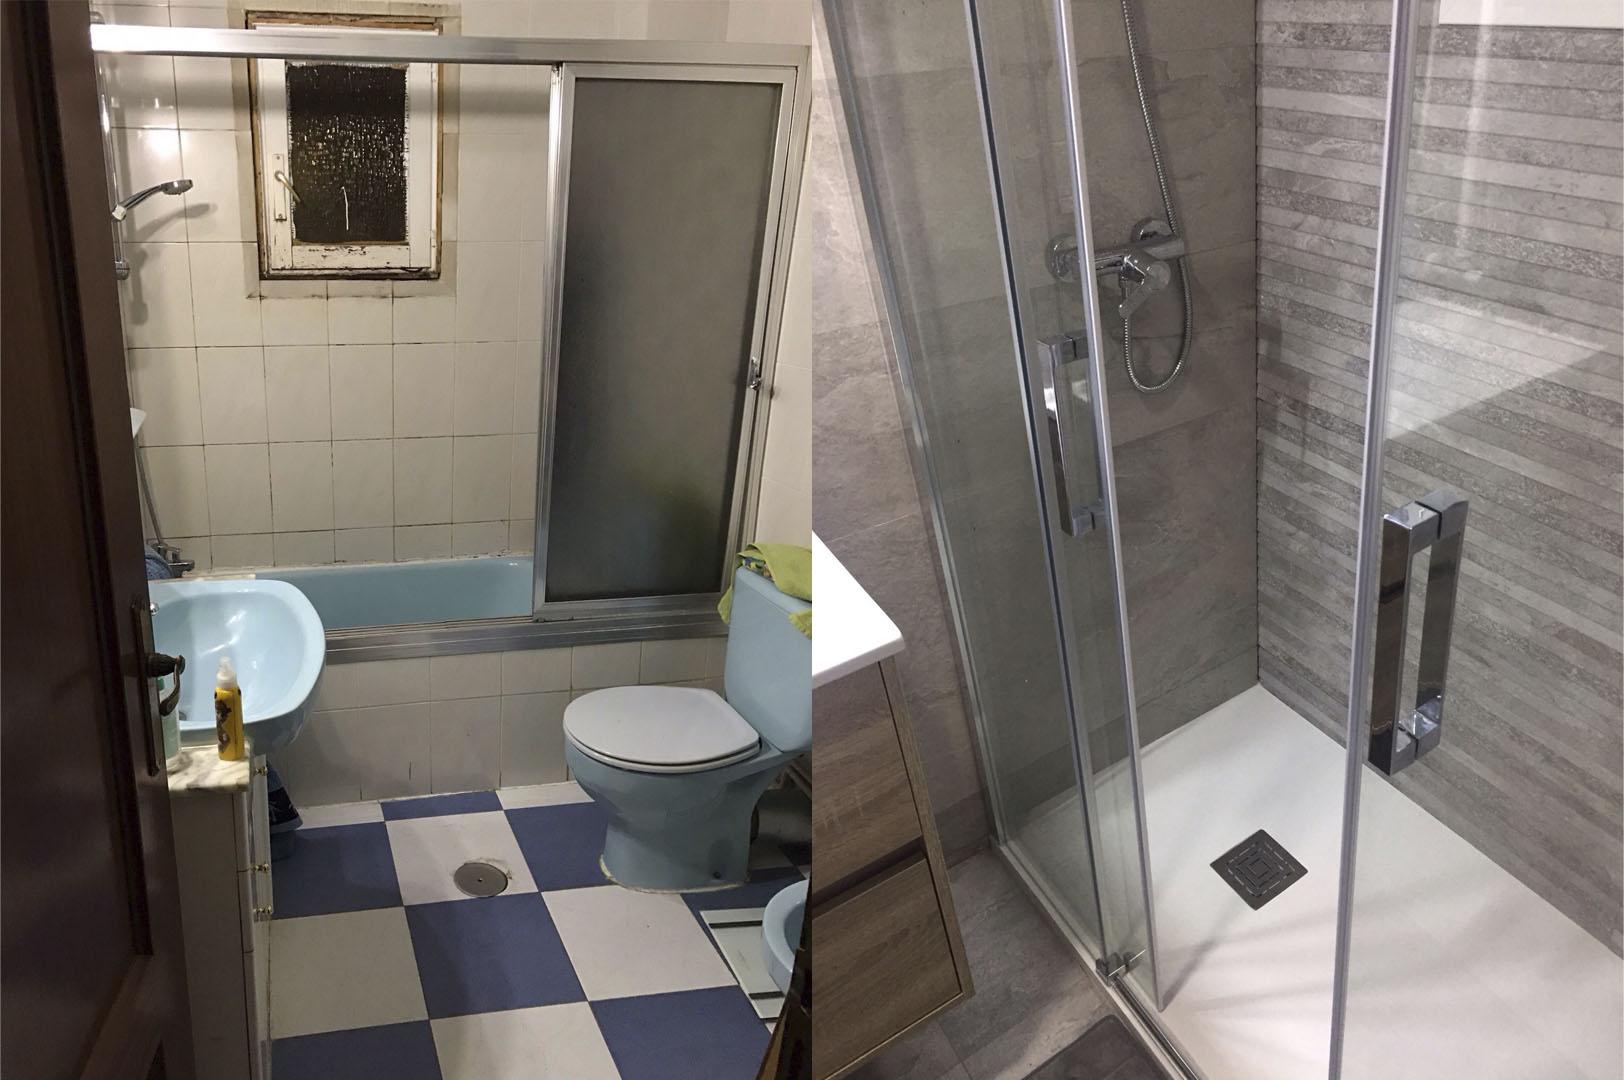 Reforma del baño completo para tu hogar con Dugal - Dugal